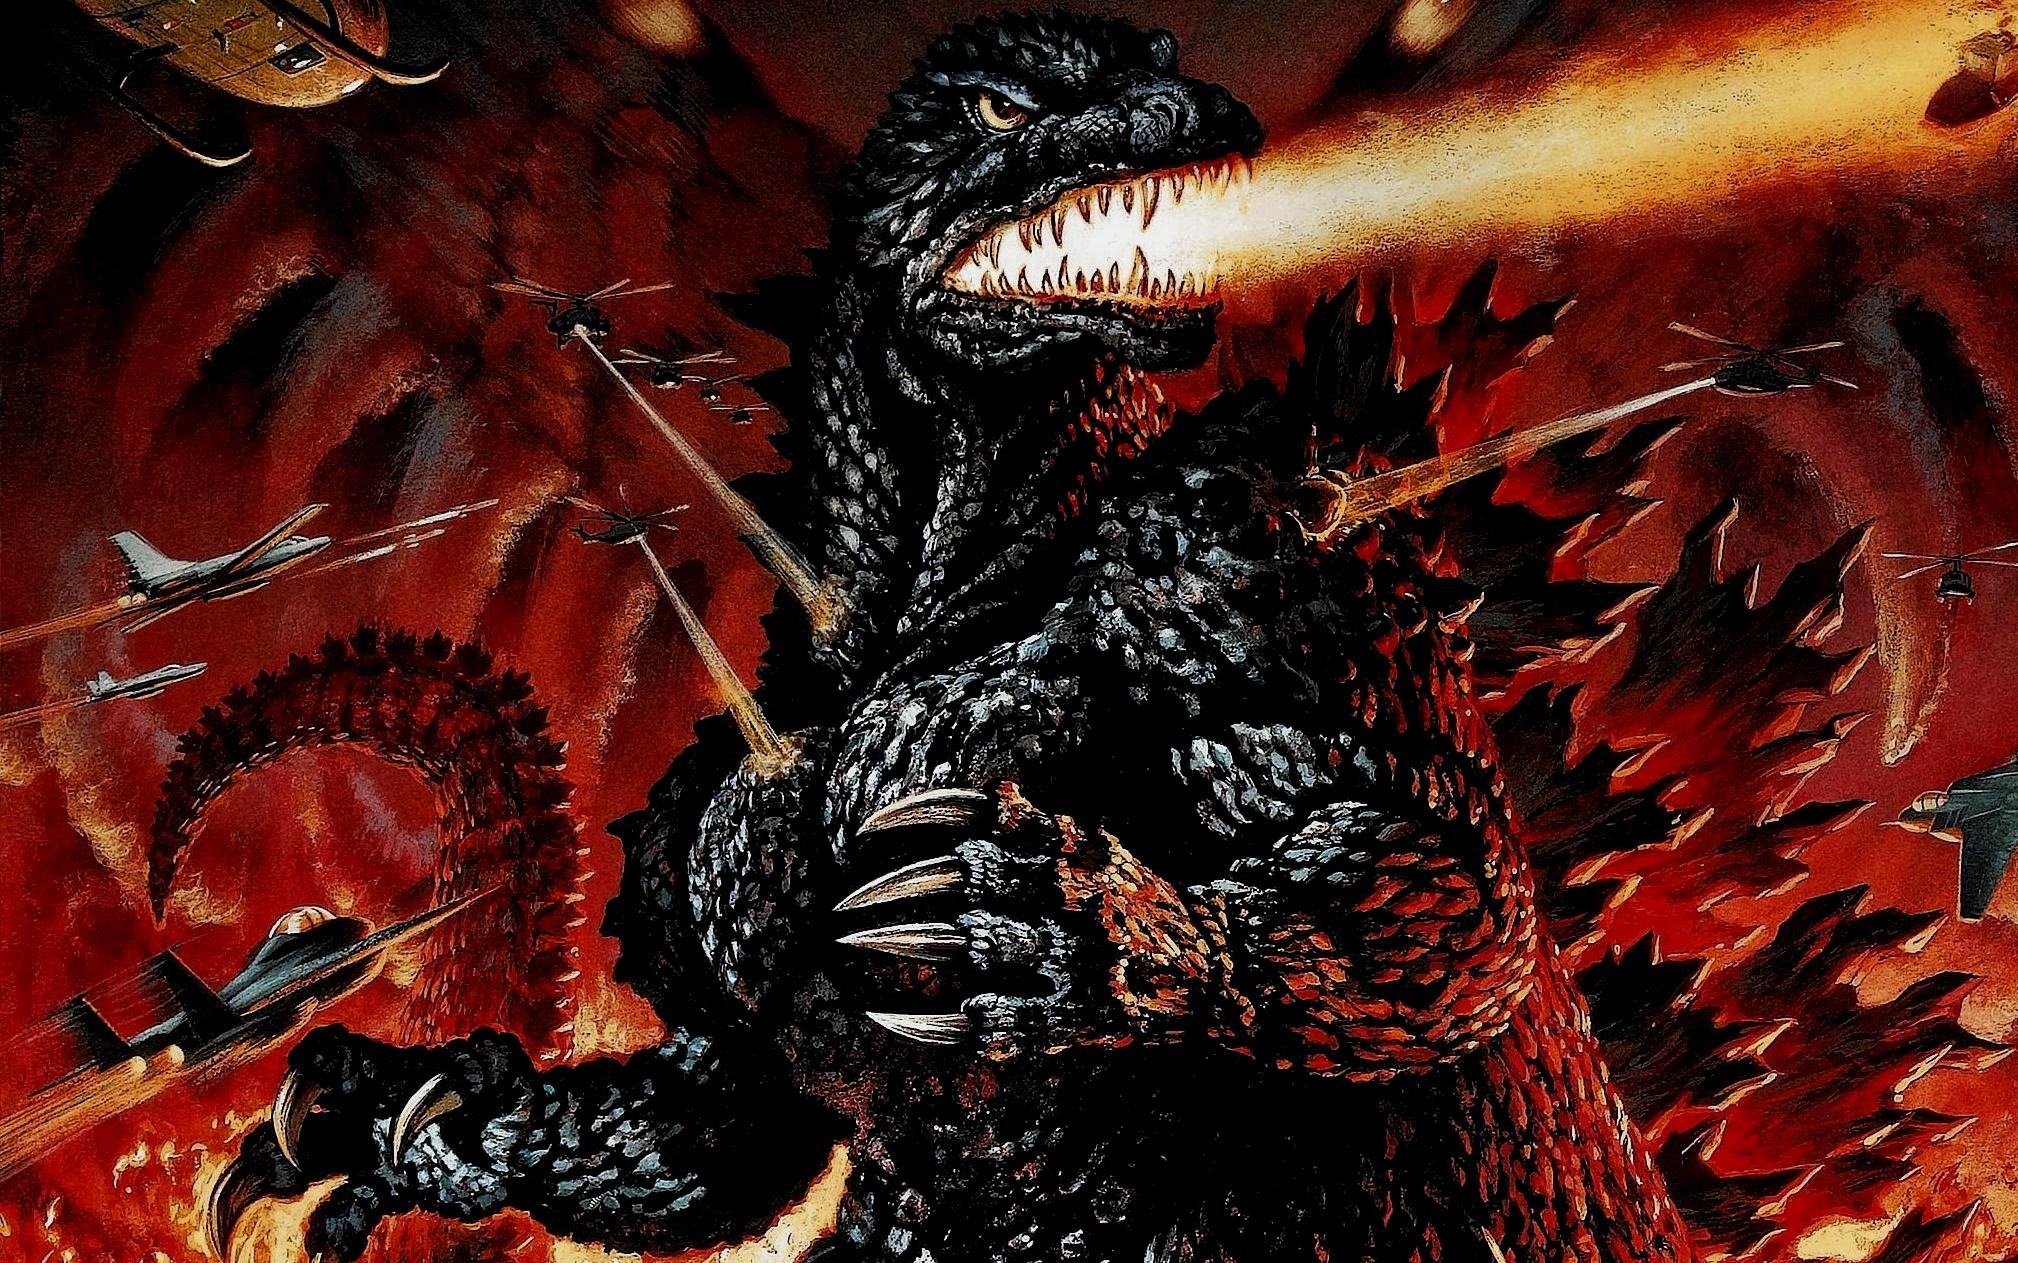 http://img1.wikia.nocookie.net/__cb20130824181759/fallout/images/9/91/Godzilla_2000.jpg